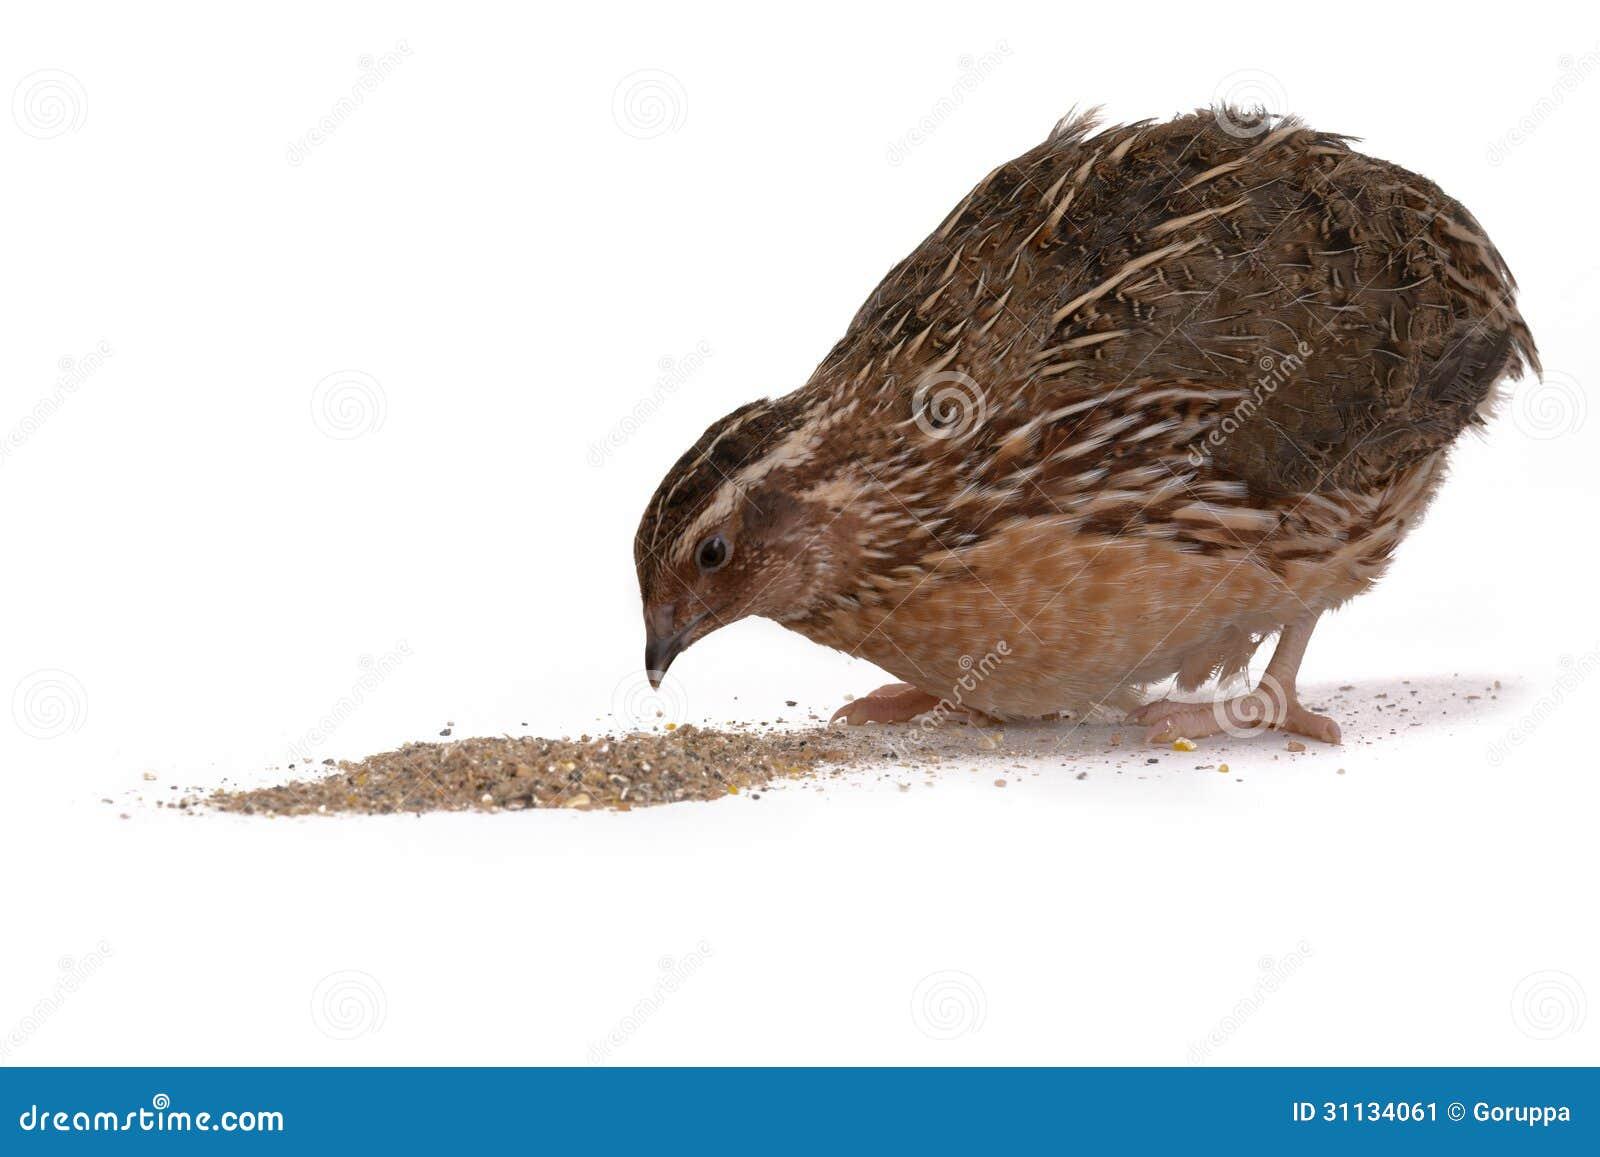 Japanese quail  Quail Bird Clipart